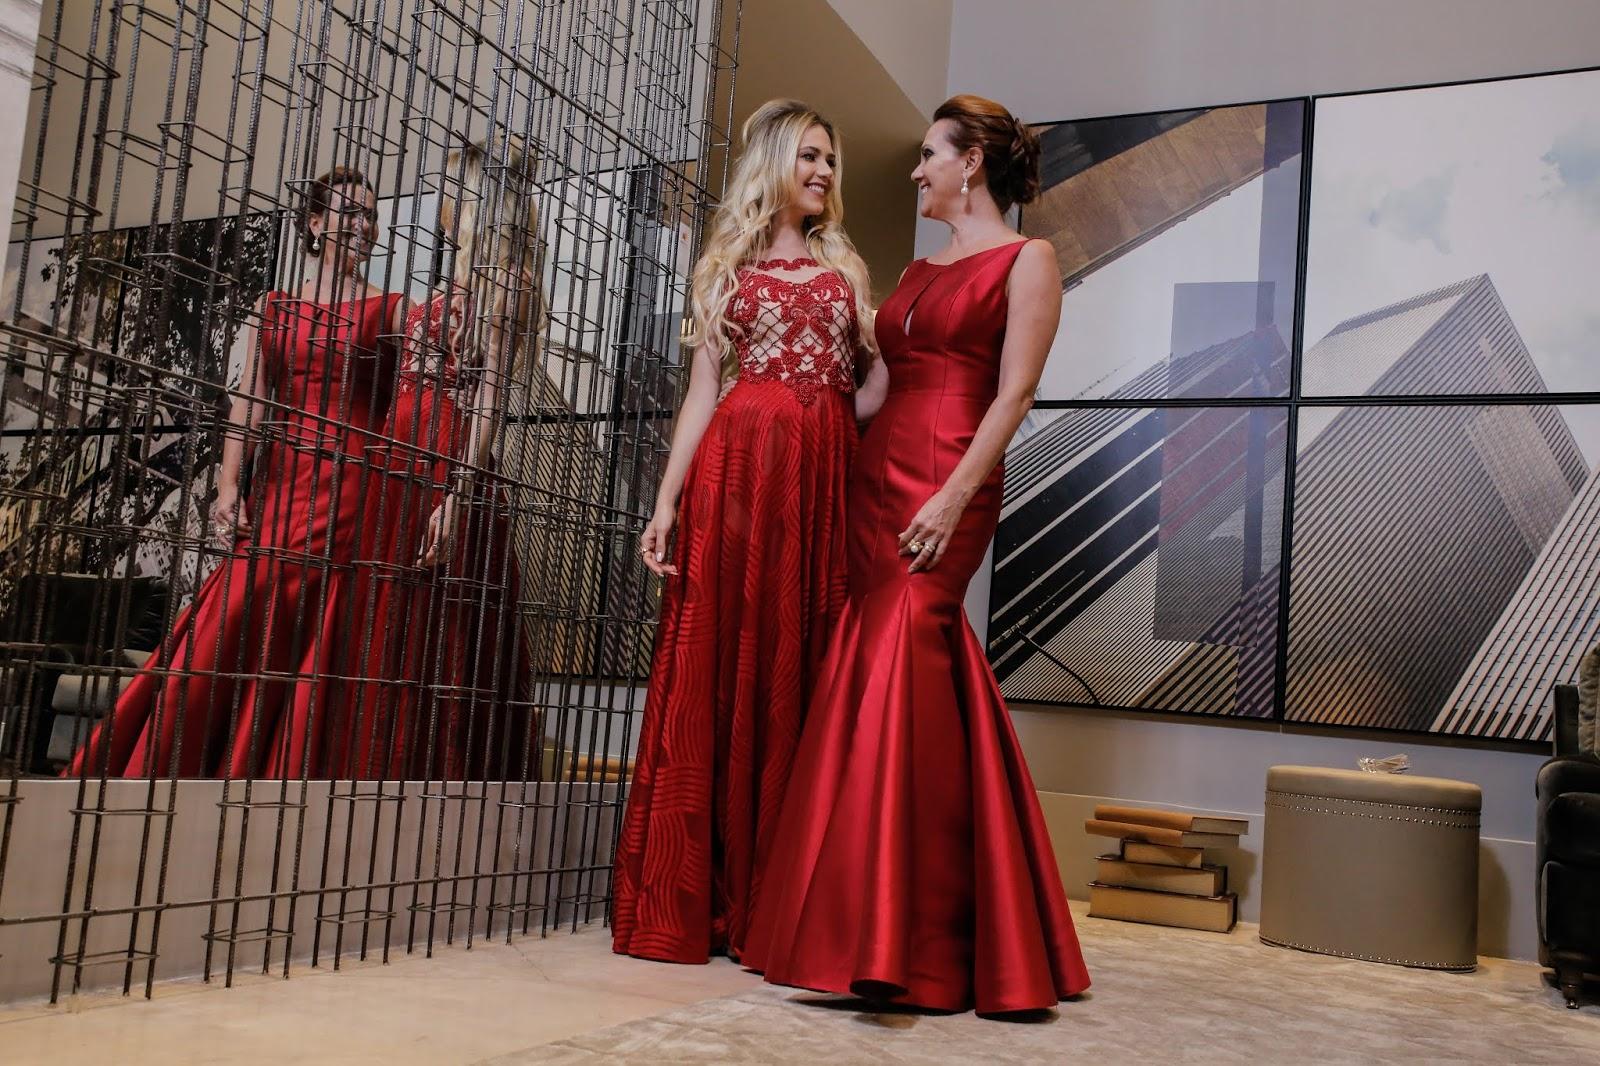 Próxima edição do Bridal Secrets terá desfile Gazela Fashion